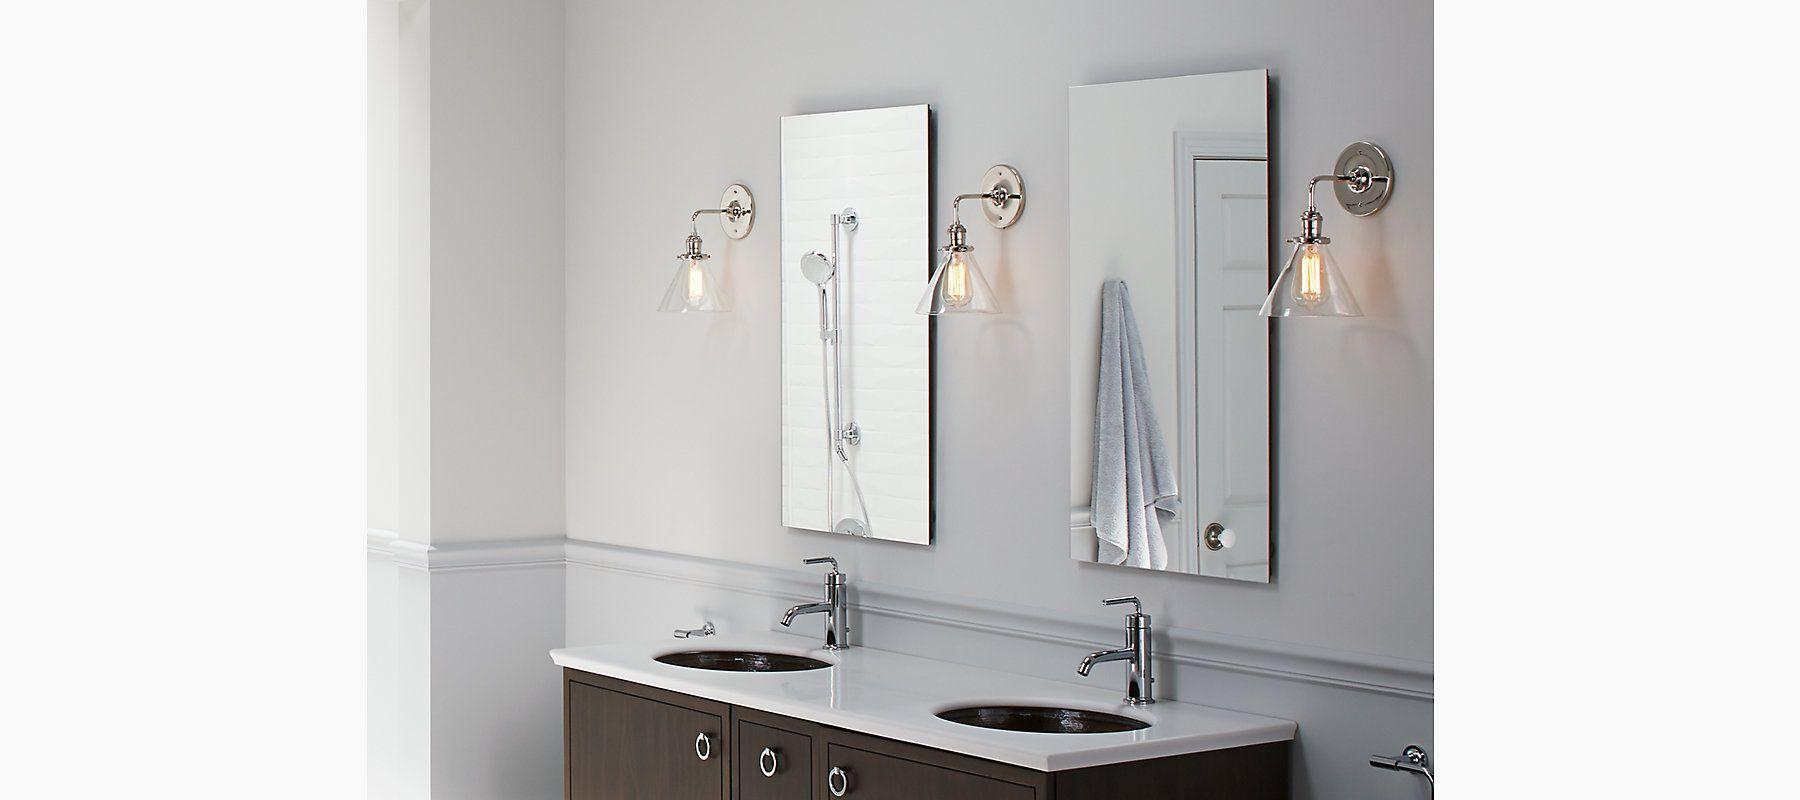 K 2918 Pg Catalan Medicine Cabinet Kohler Modern Bathroom Cabinets Amazing Bathrooms Glass Shelves [ 800 x 1800 Pixel ]